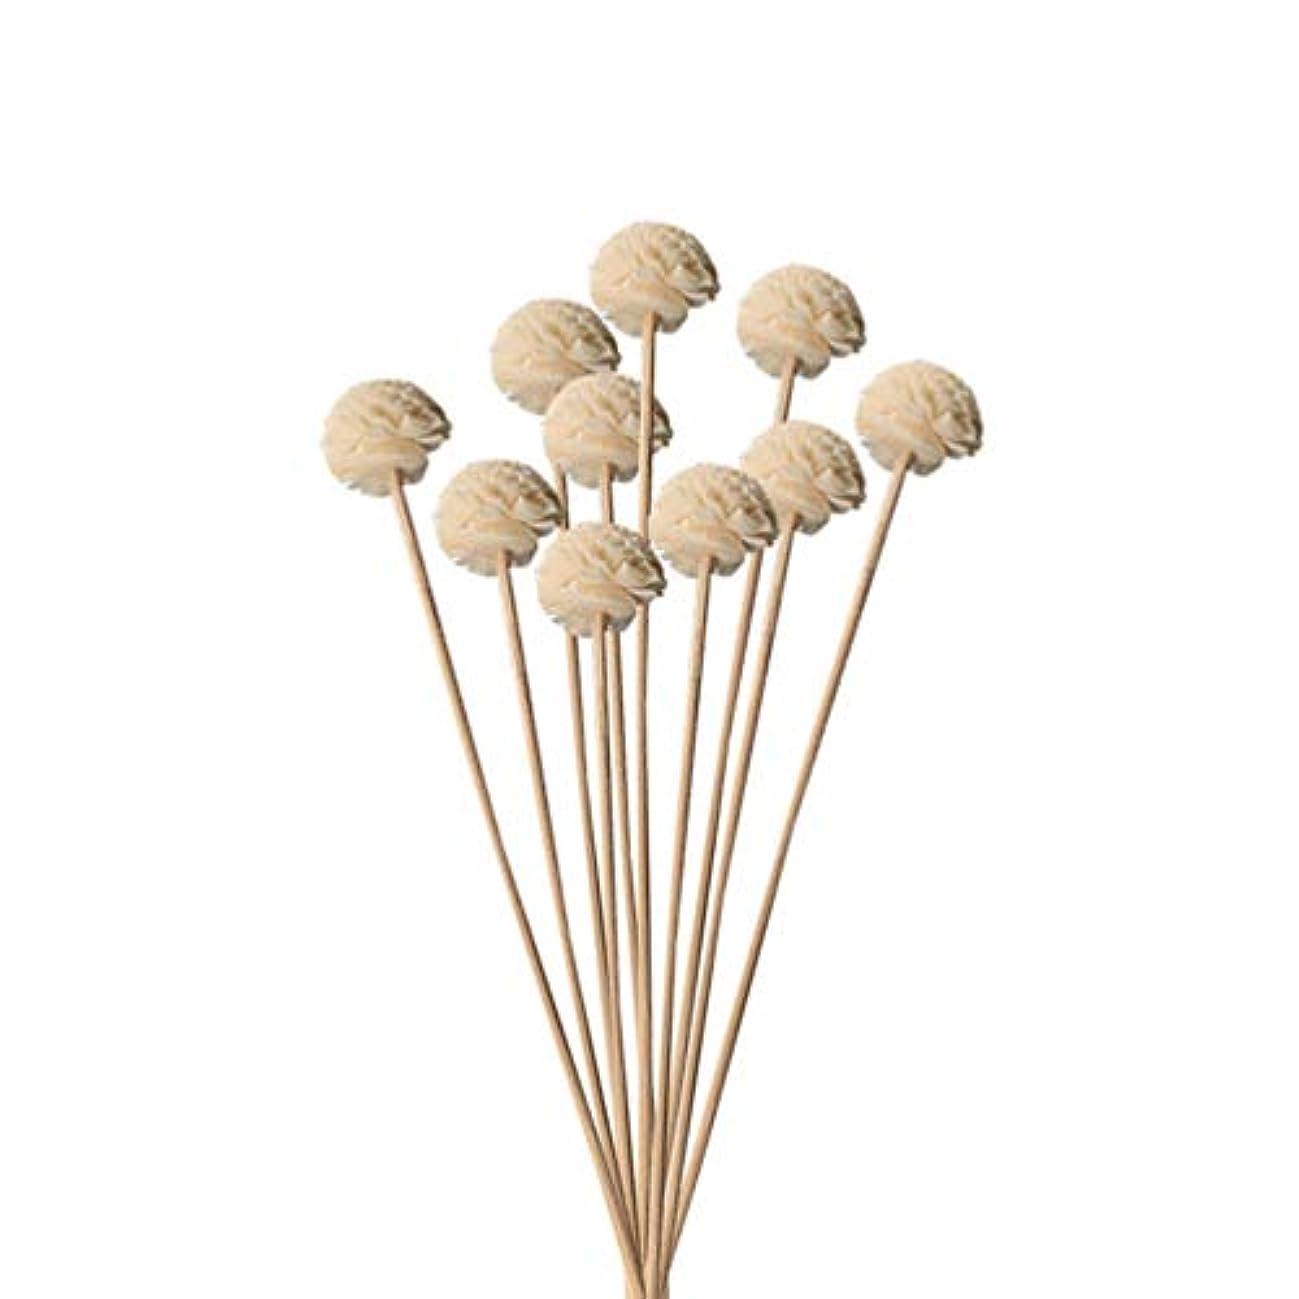 続編どこか遊びますHongma 10本入り 造花 ラタンスティック リードディフューザー用 リフィル 高品質 かわいい クラフト 本色